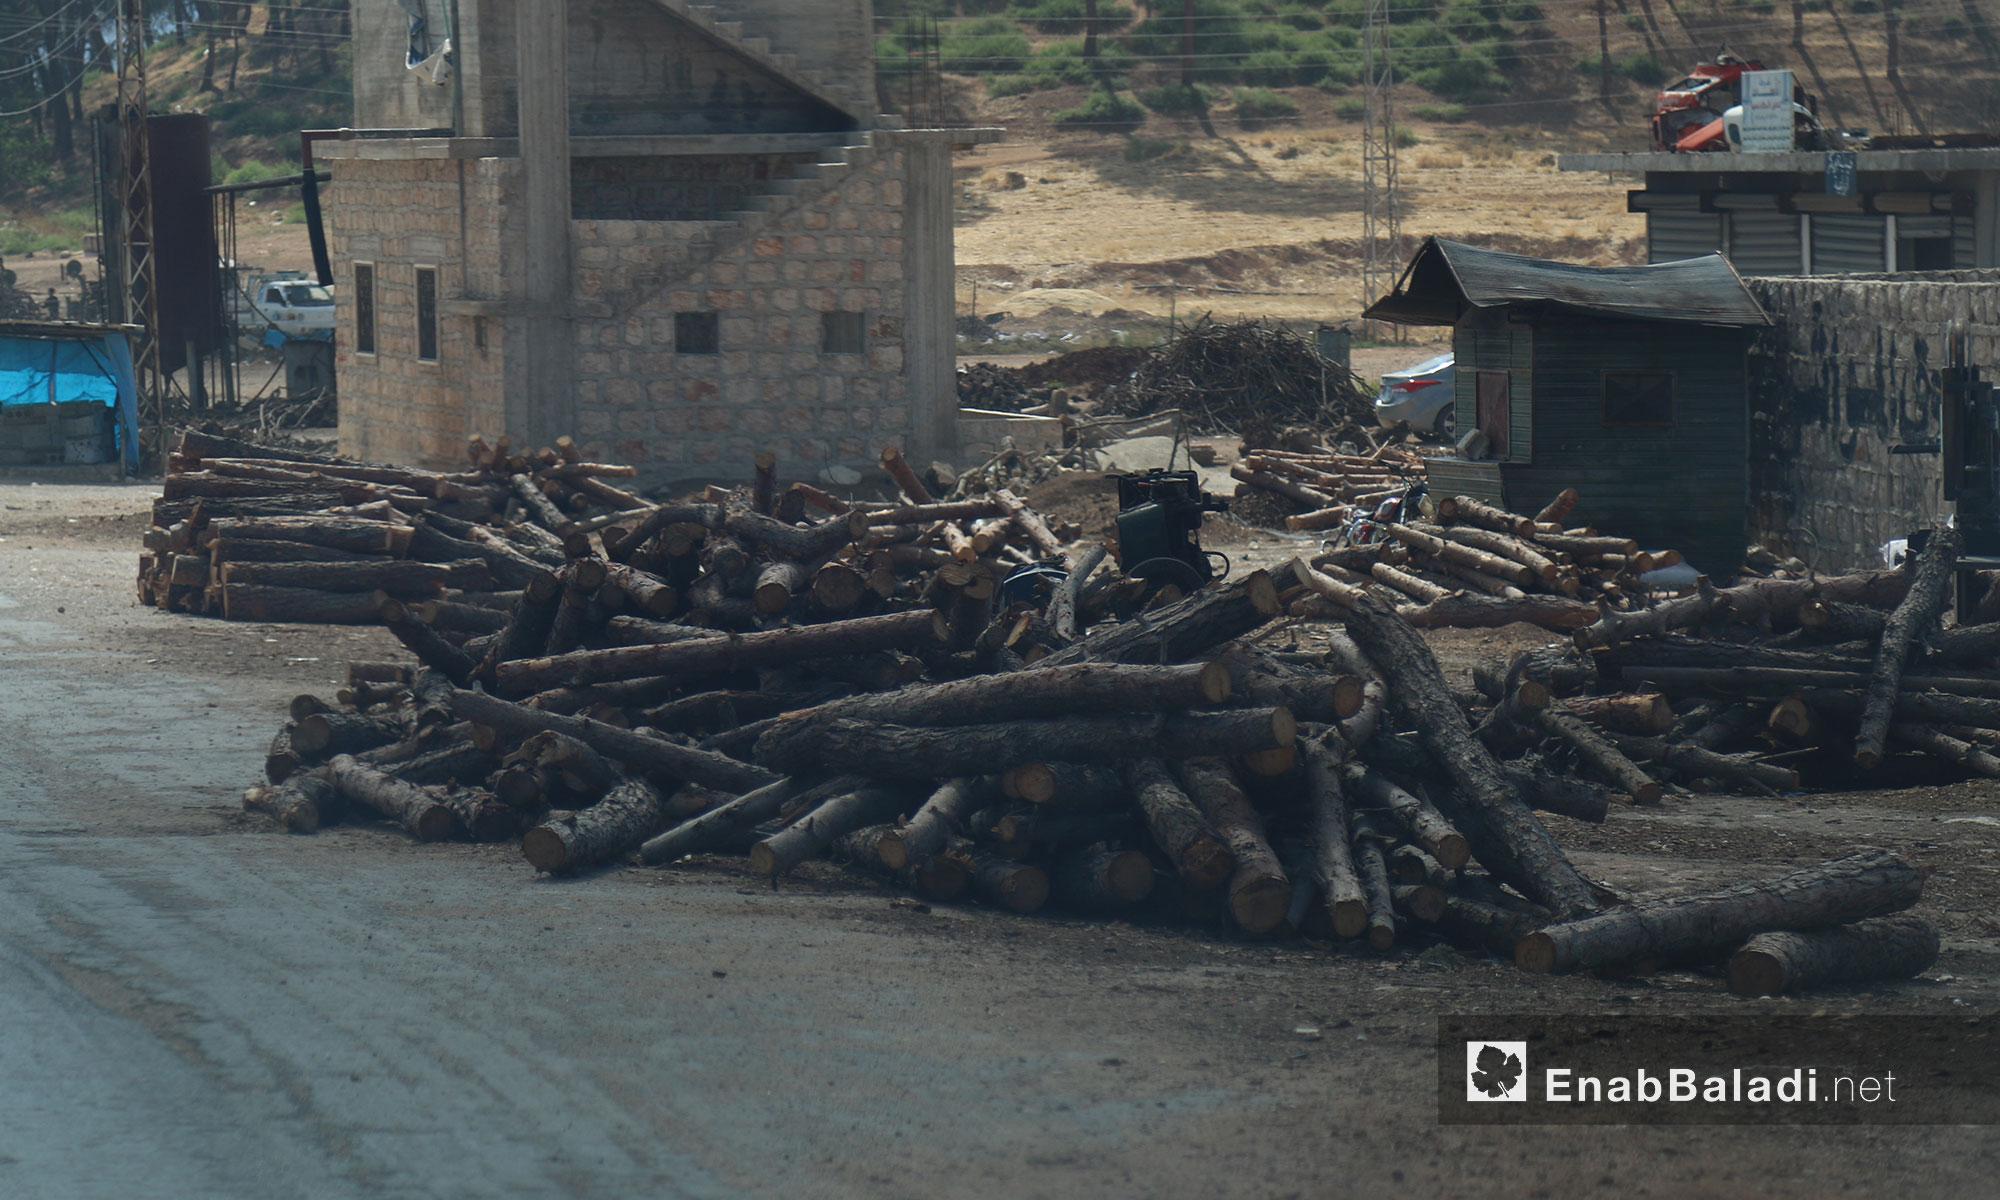 مركز بيع الحطب في ريف إدلب الغربي - 21 حزيران 2017 (عنب بلدي)